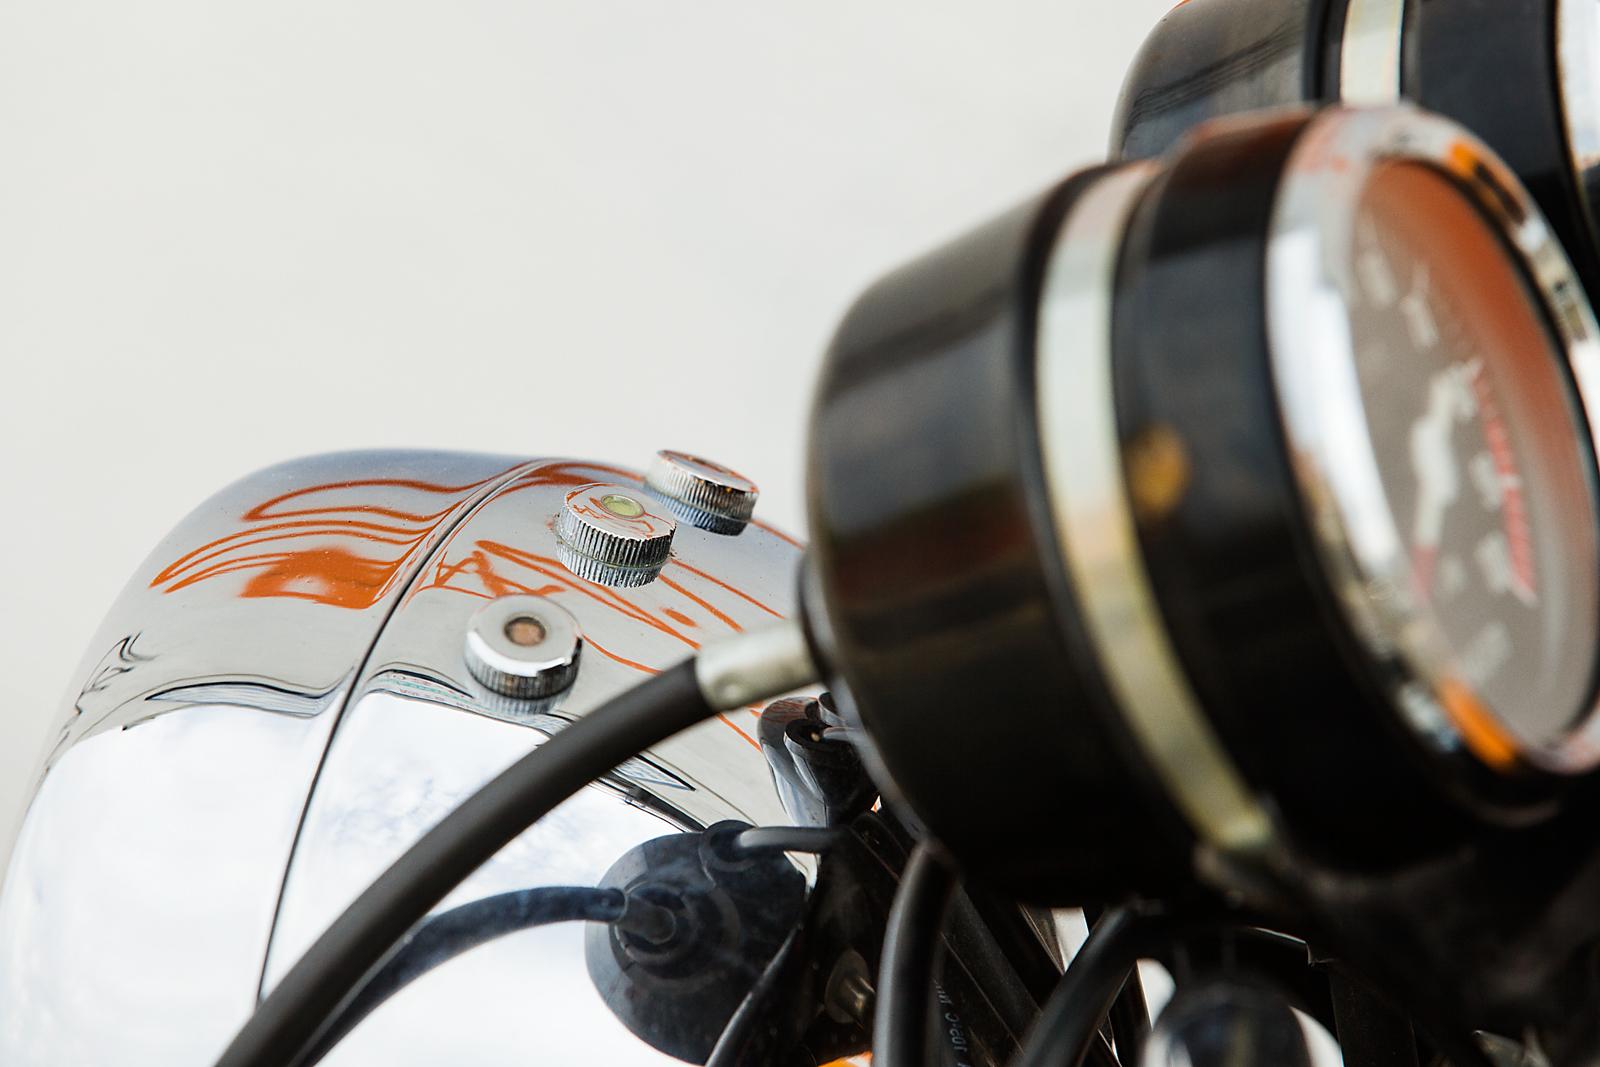 1974 Ducati 750S headlight